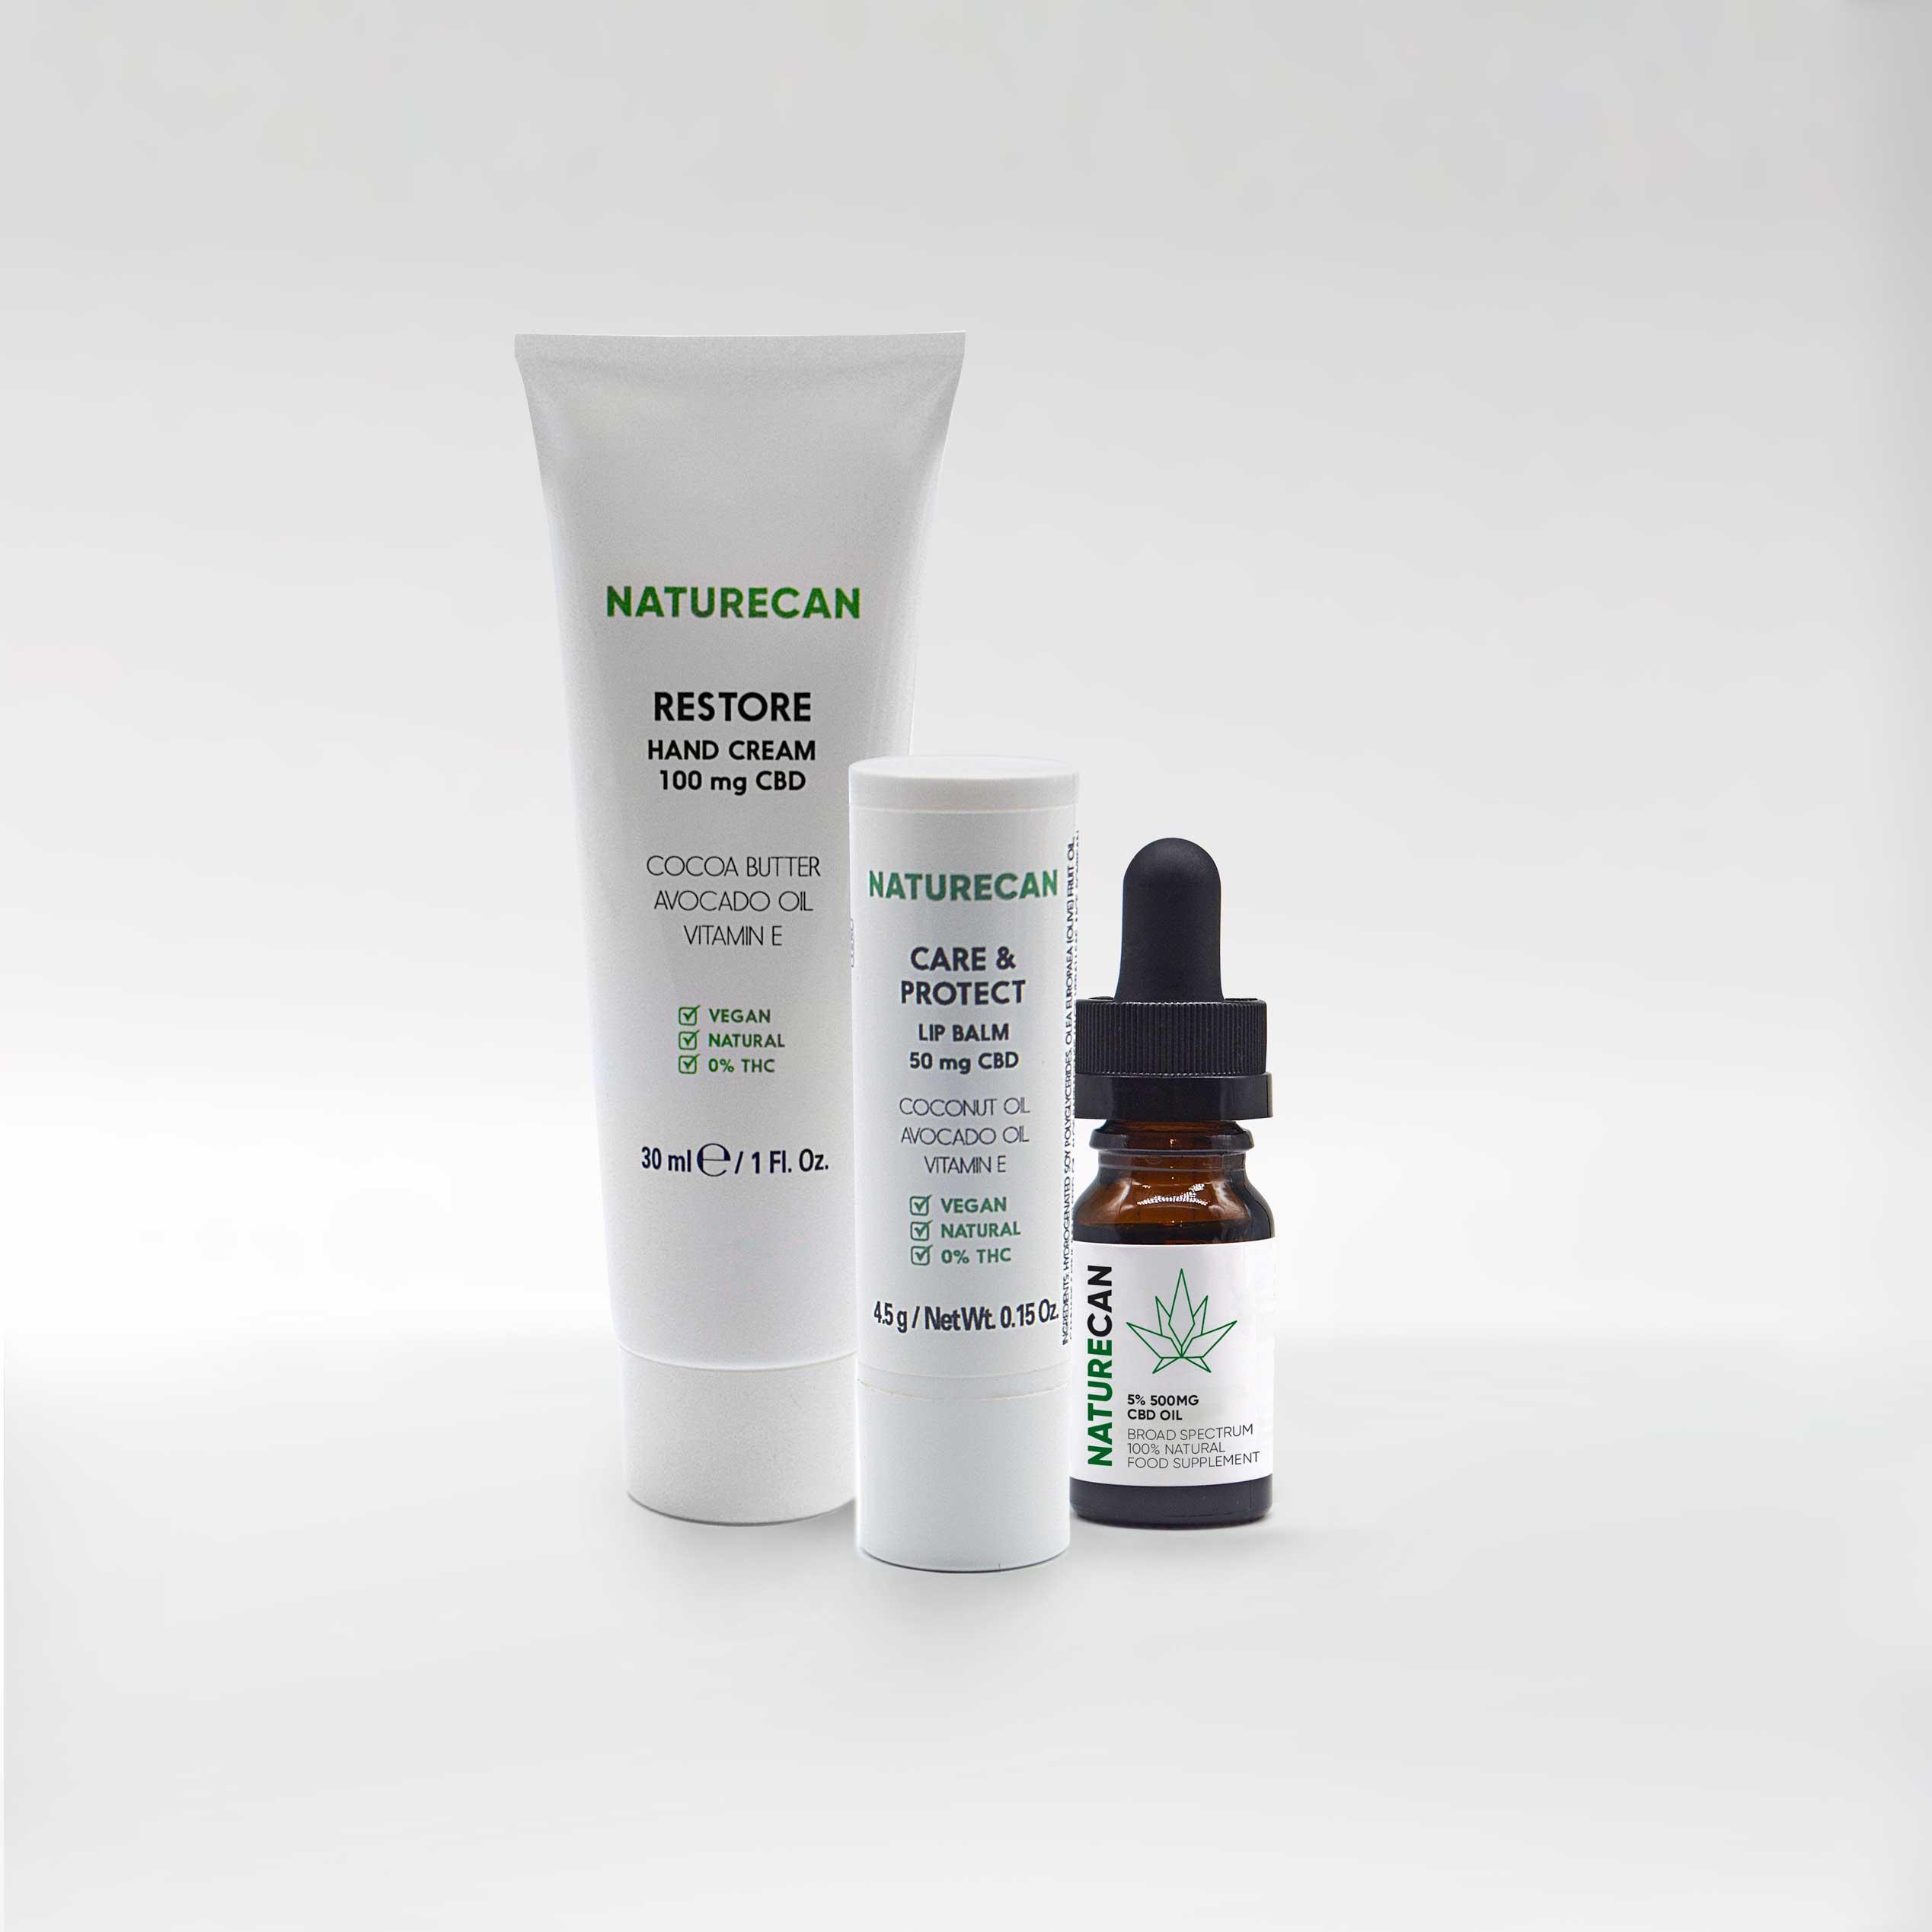 Testpaket Beauty Essentials - Naturecan